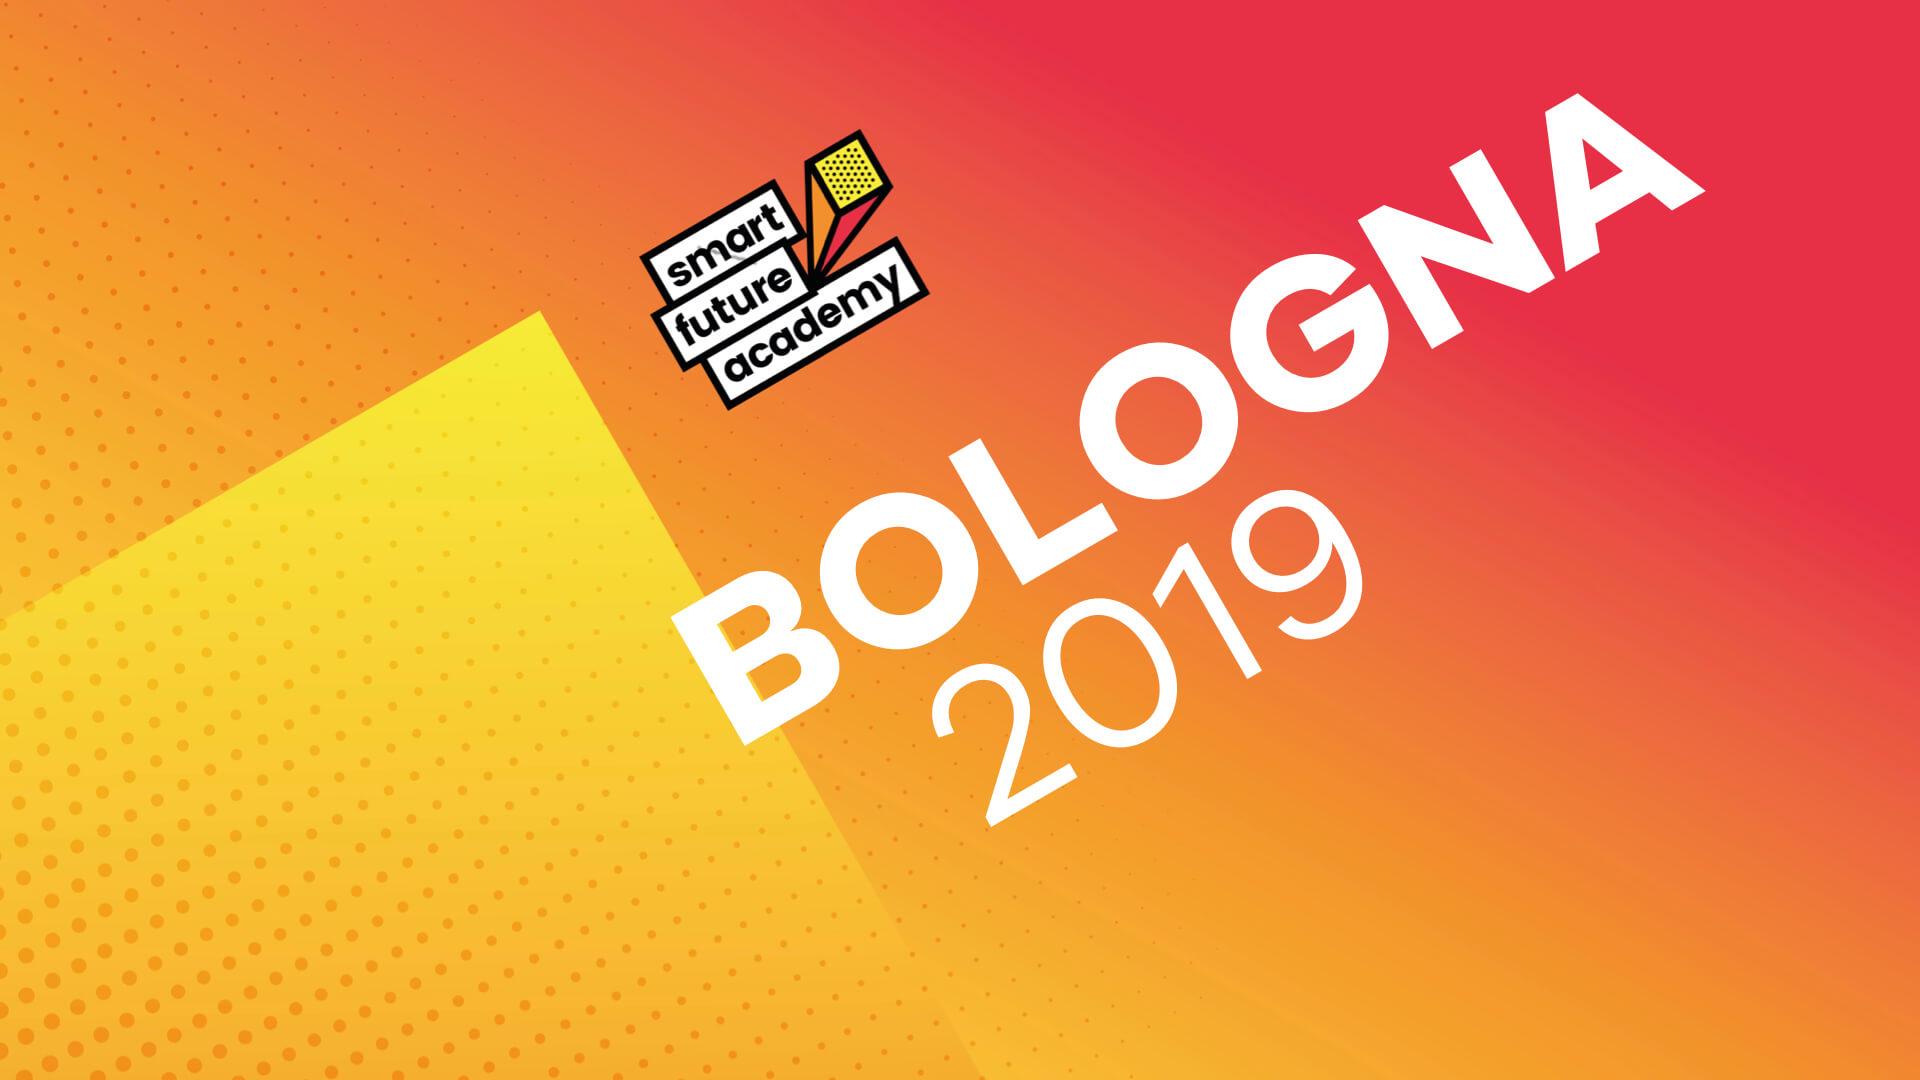 Bologna 2019